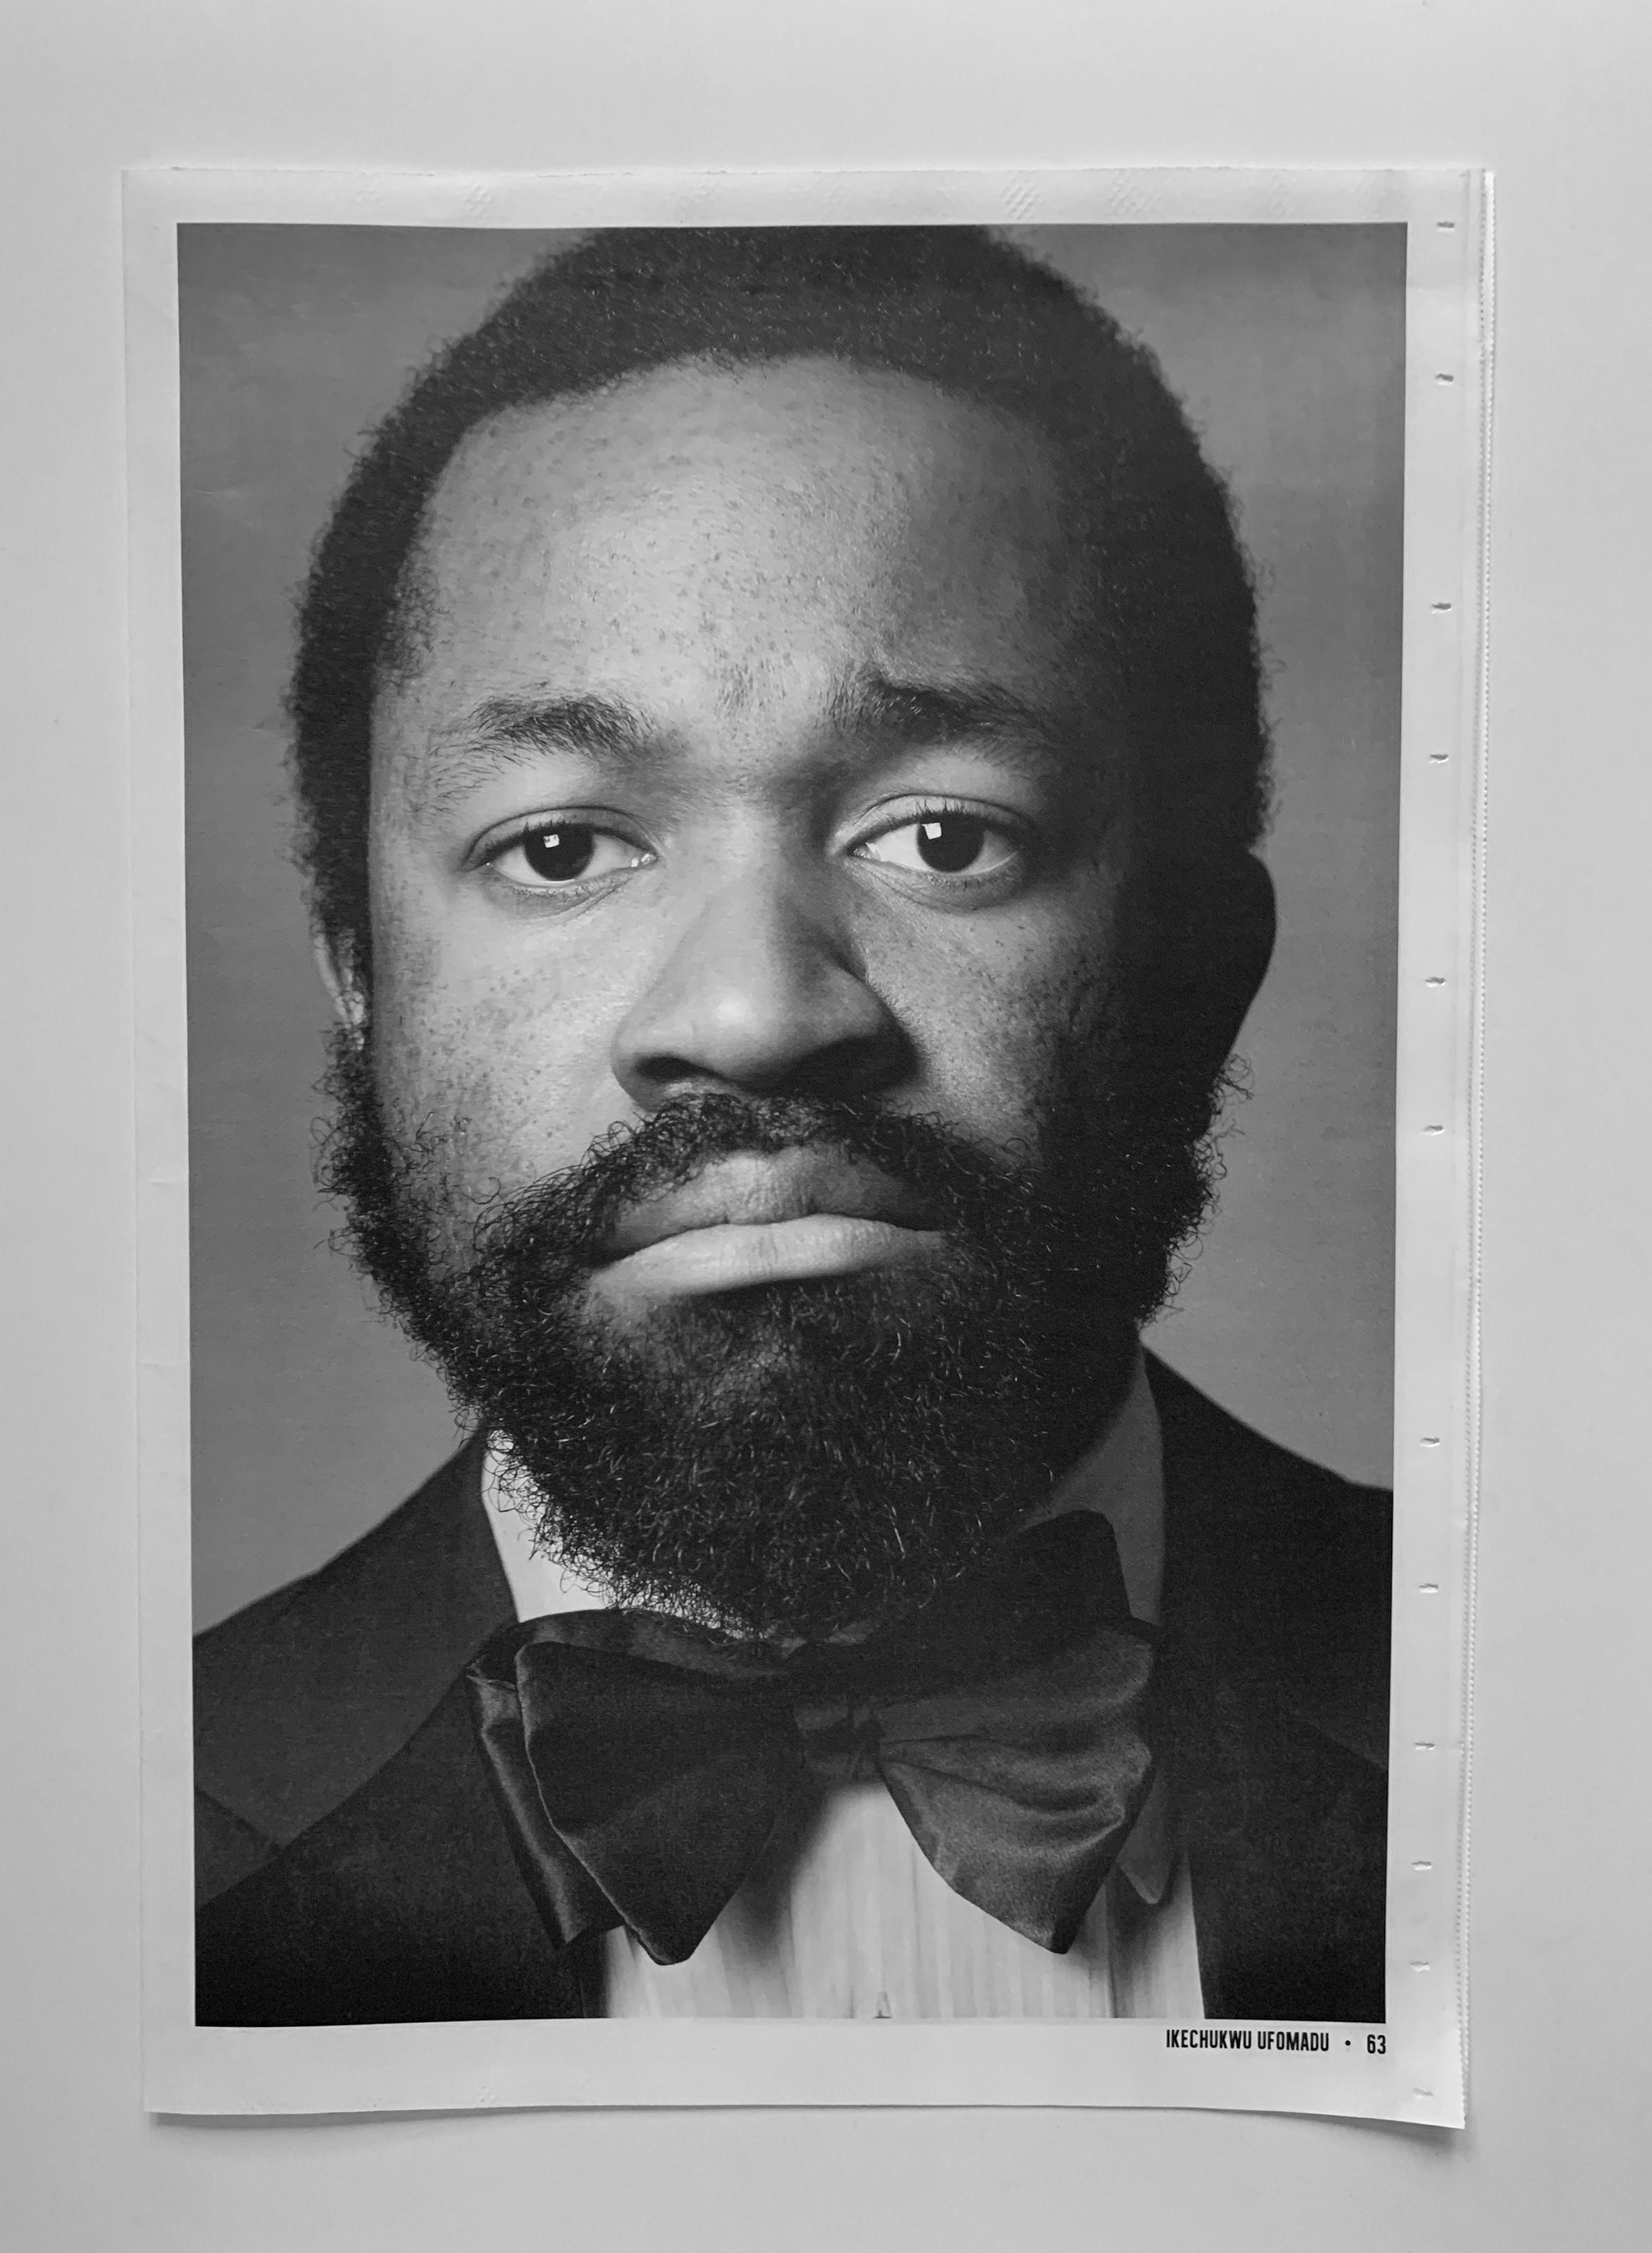 Ikechukwu Ufomadu